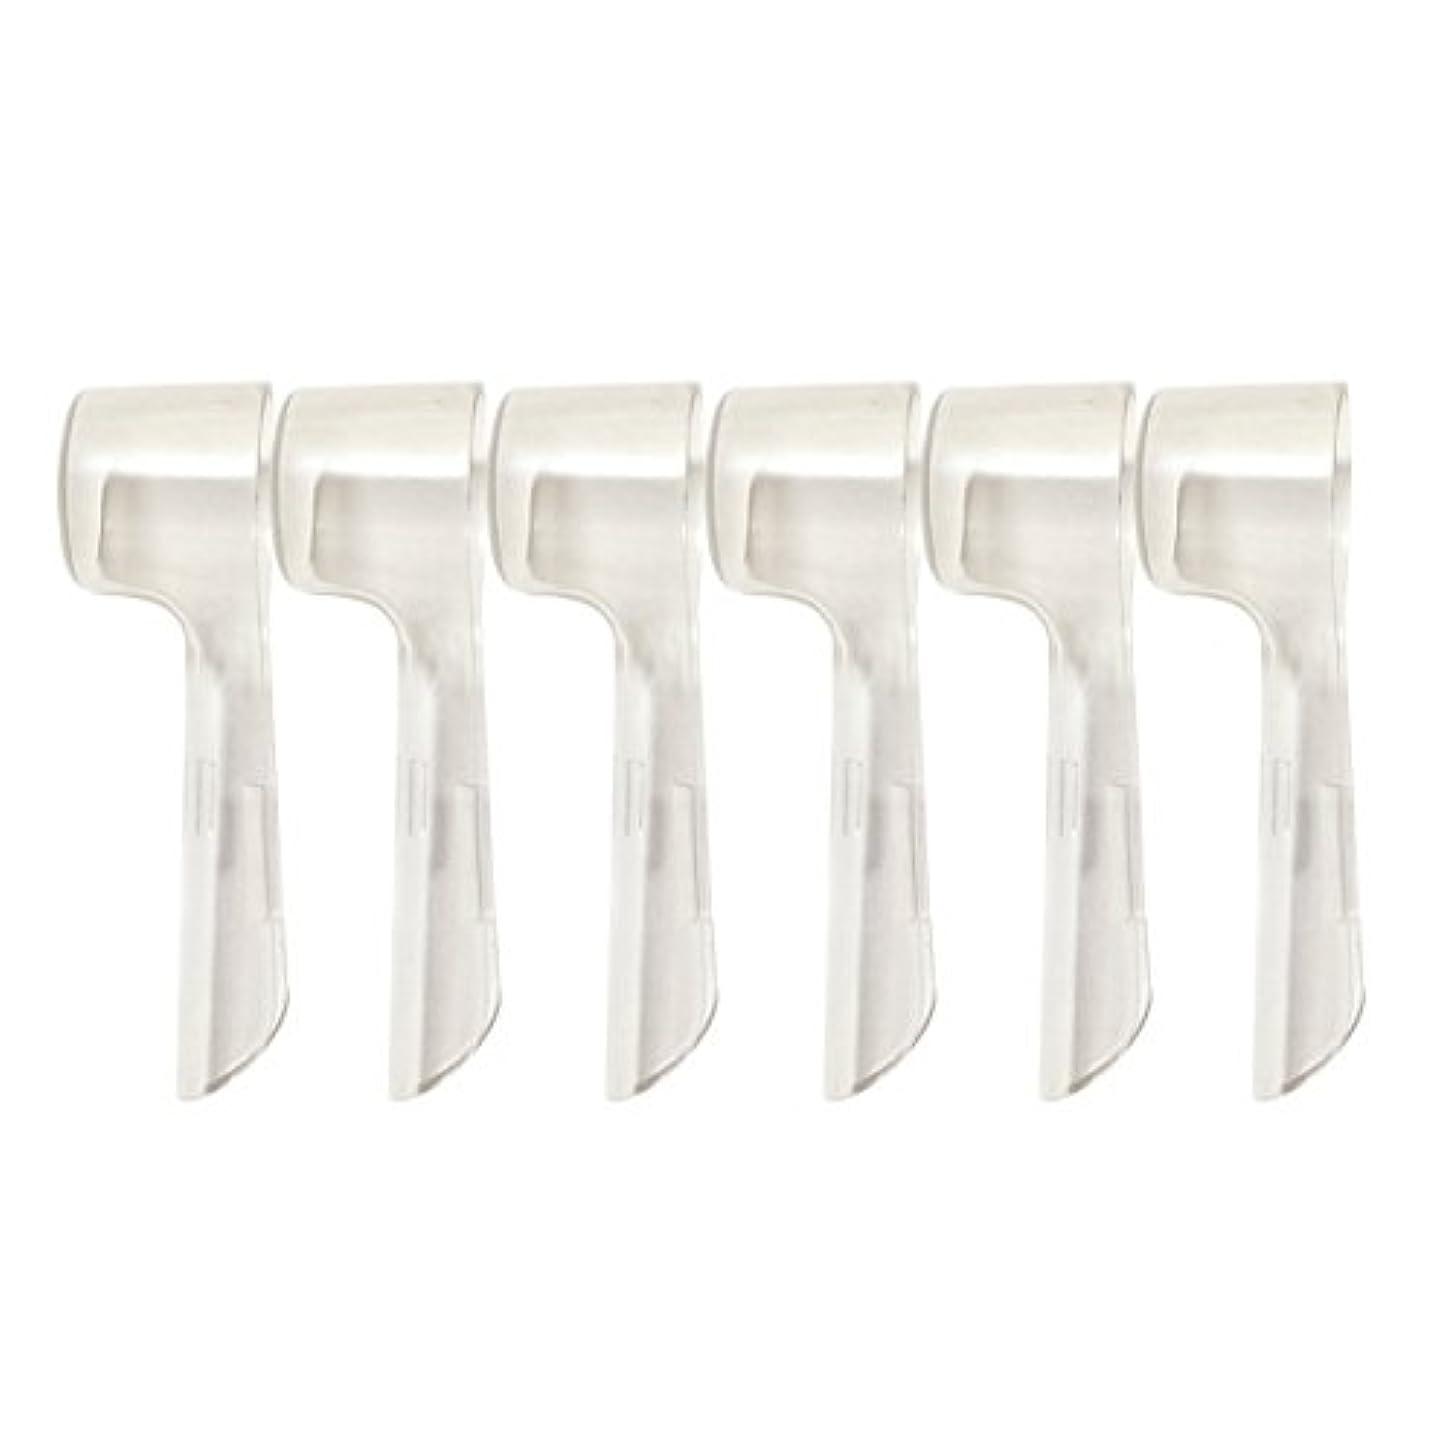 ピジン伝記人間SUPVOX 旅行のために便利な電動歯ブラシのための12本の歯ブラシのヘッドカバー